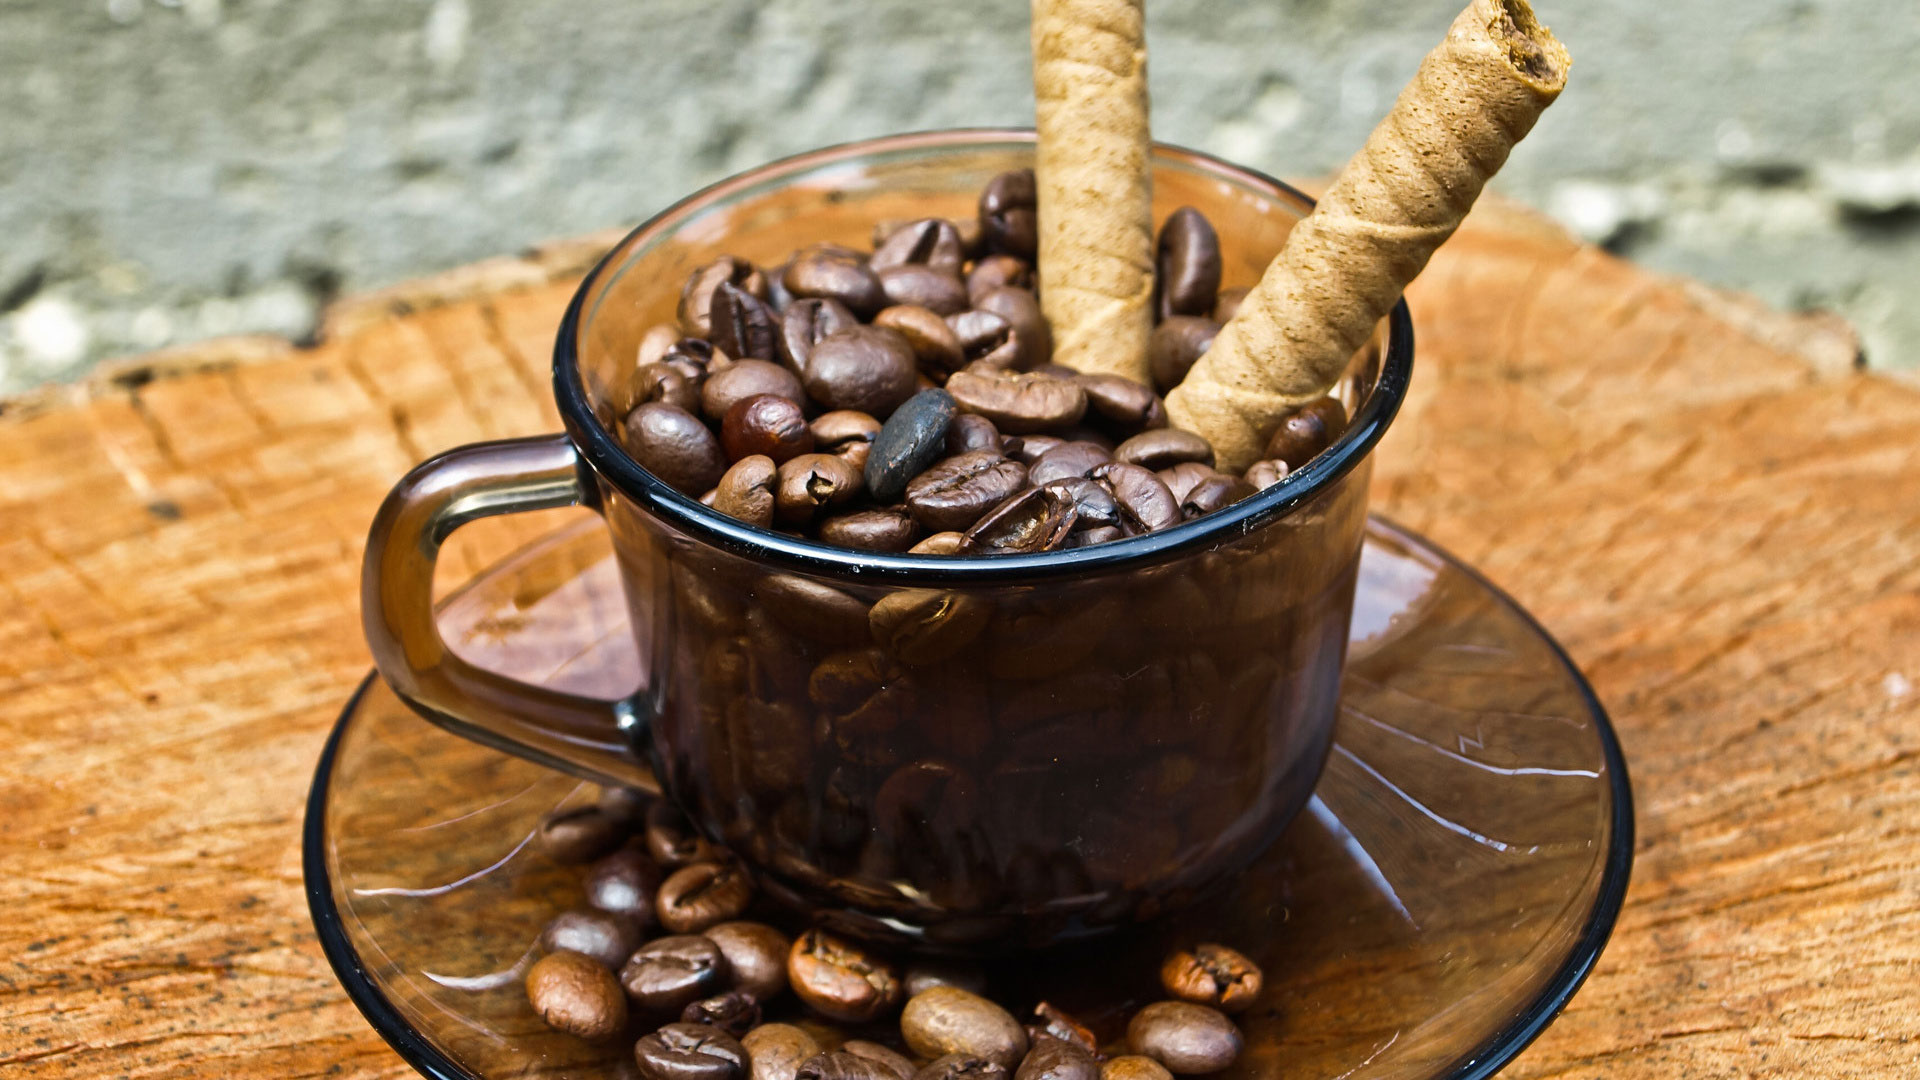 """Оригинал - Схема вышивки  """"чашка кофе """" - Схемы вышивки - ромаха - Авторы - Портал  """"Вышивка крестом """" ."""